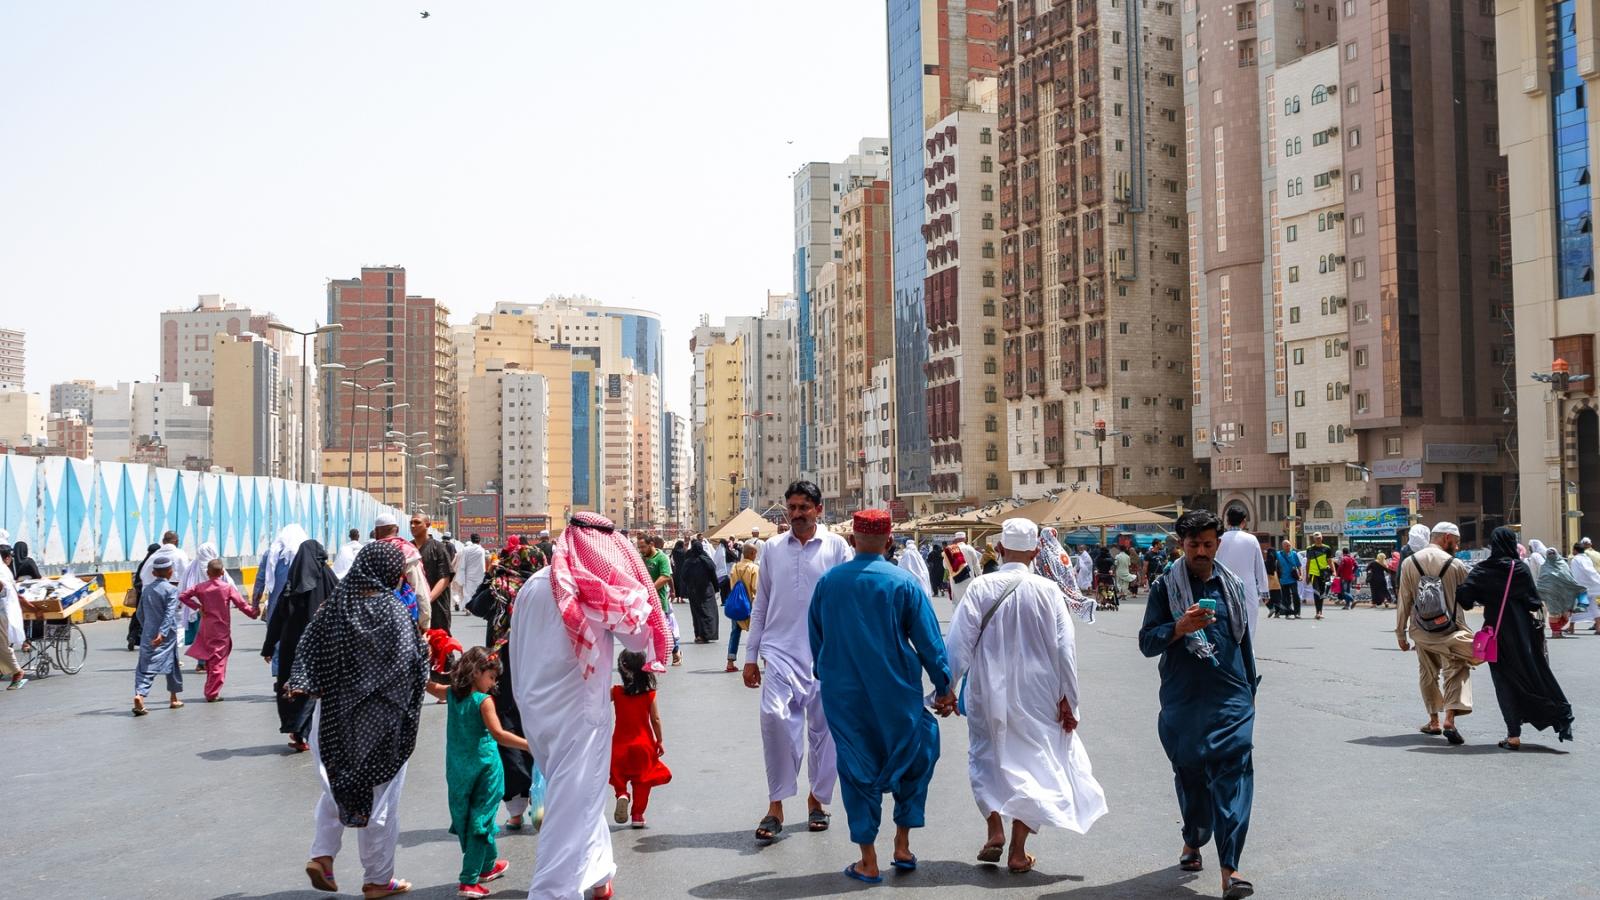 Doanh nghiệp có cơ hội quảng bá sản phẩm tại thị trường Saudi Arabia